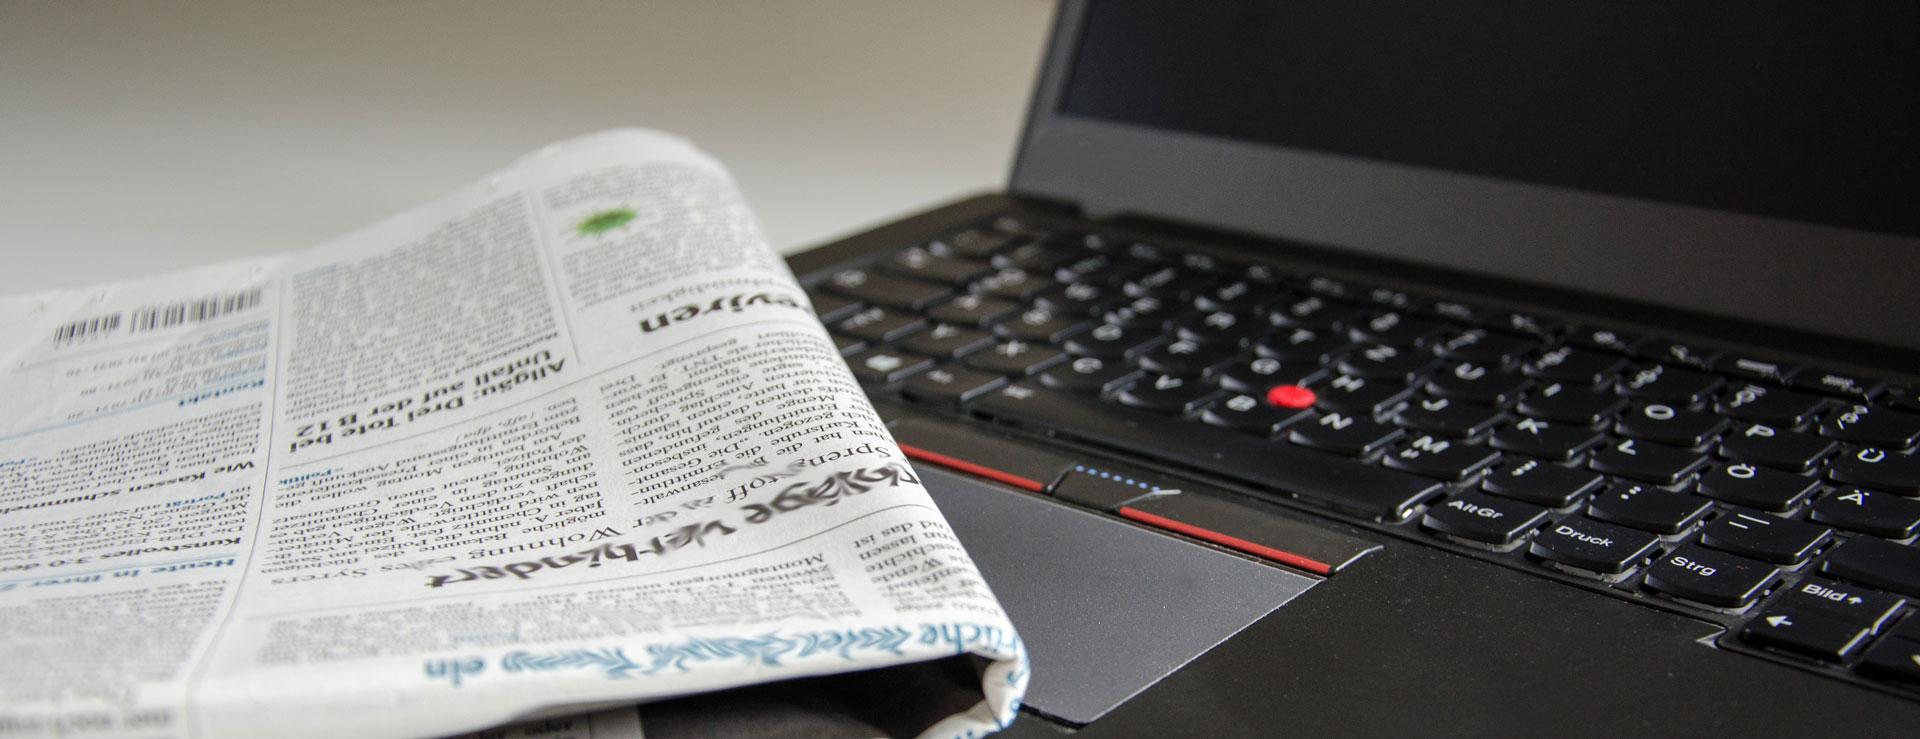 news-computer-desk-206607